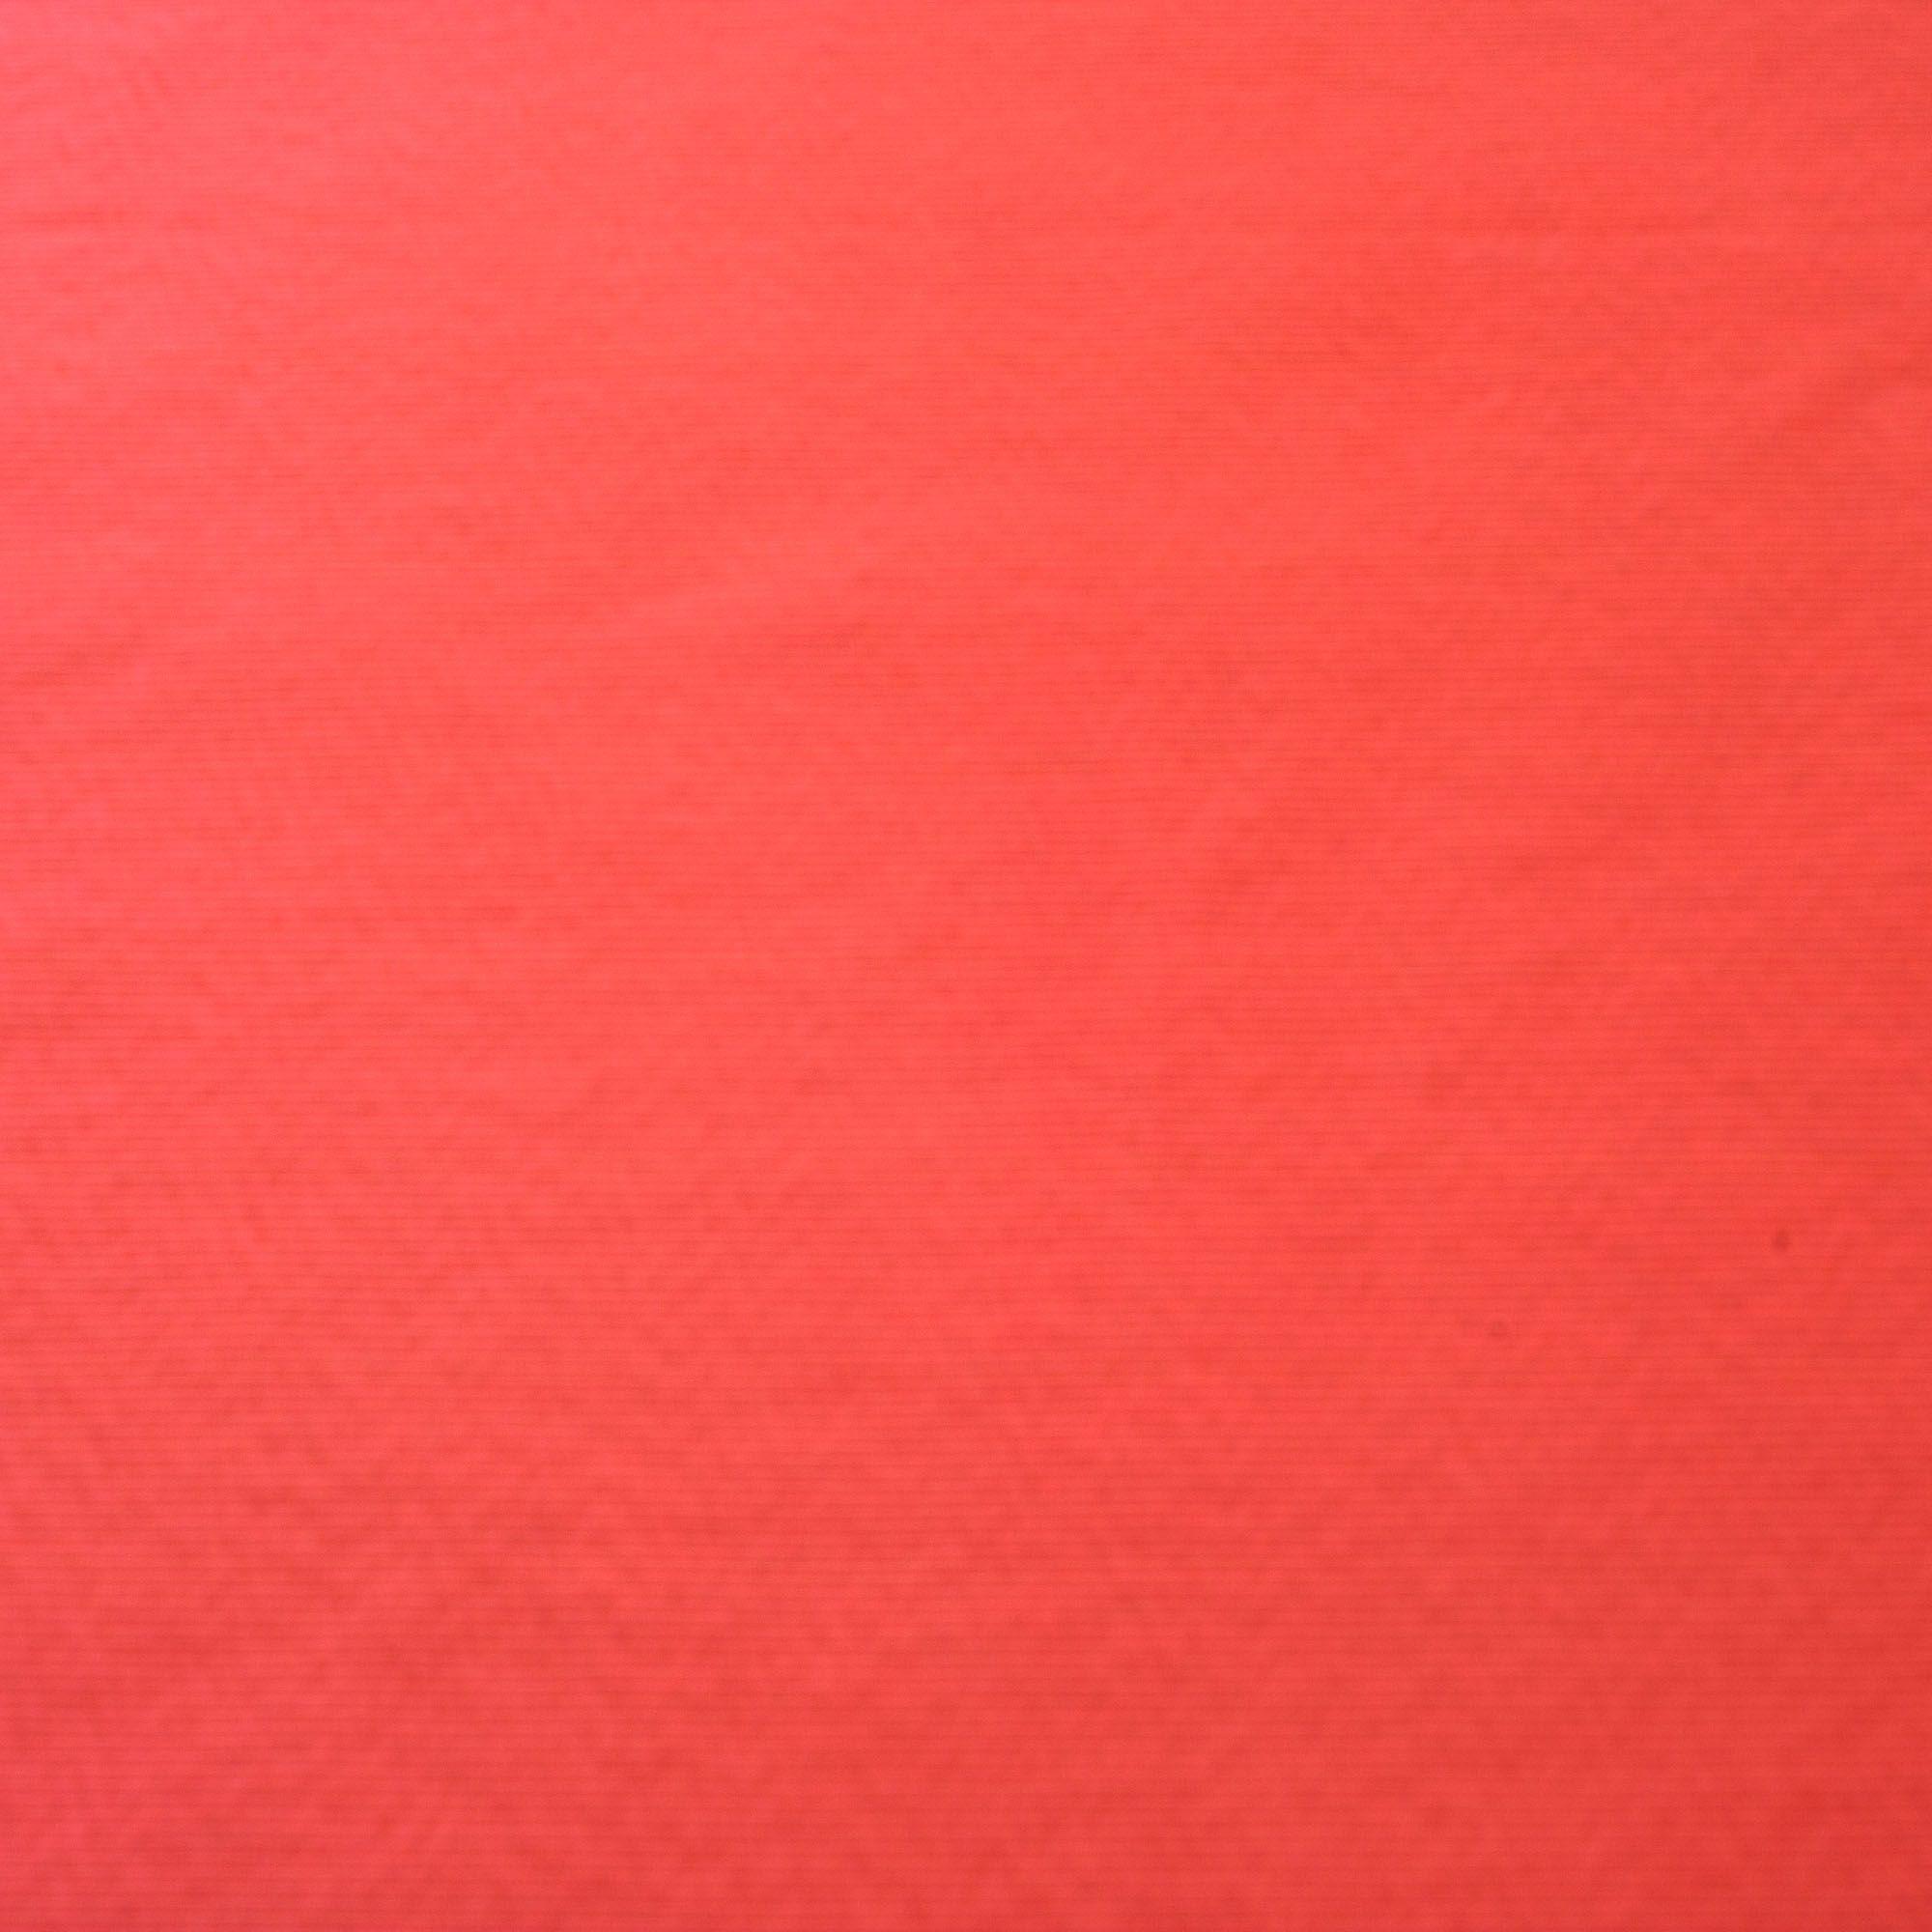 Tecido Gorgurinho Liso 1,50 m Largura Rosa Neon